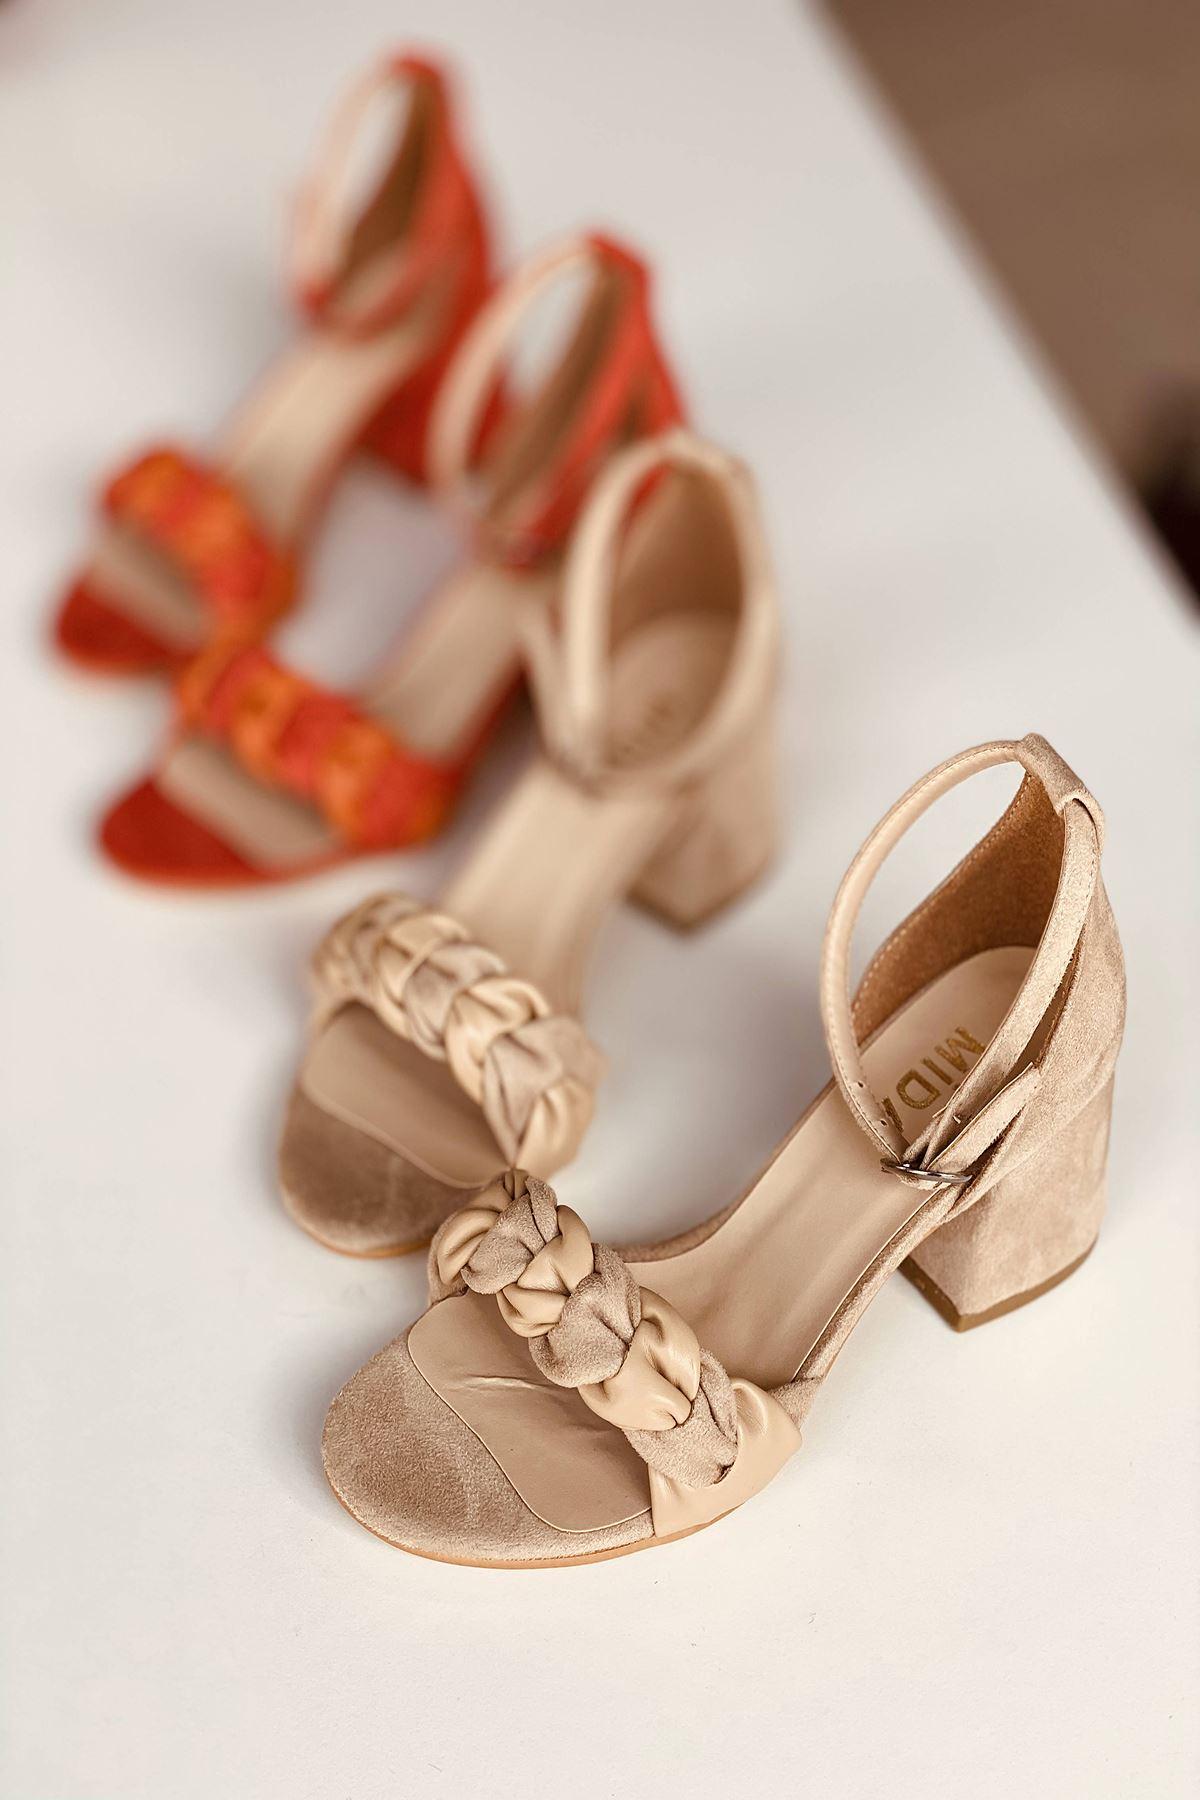 Y555 Ten Deri Topuklu Ayakkabı